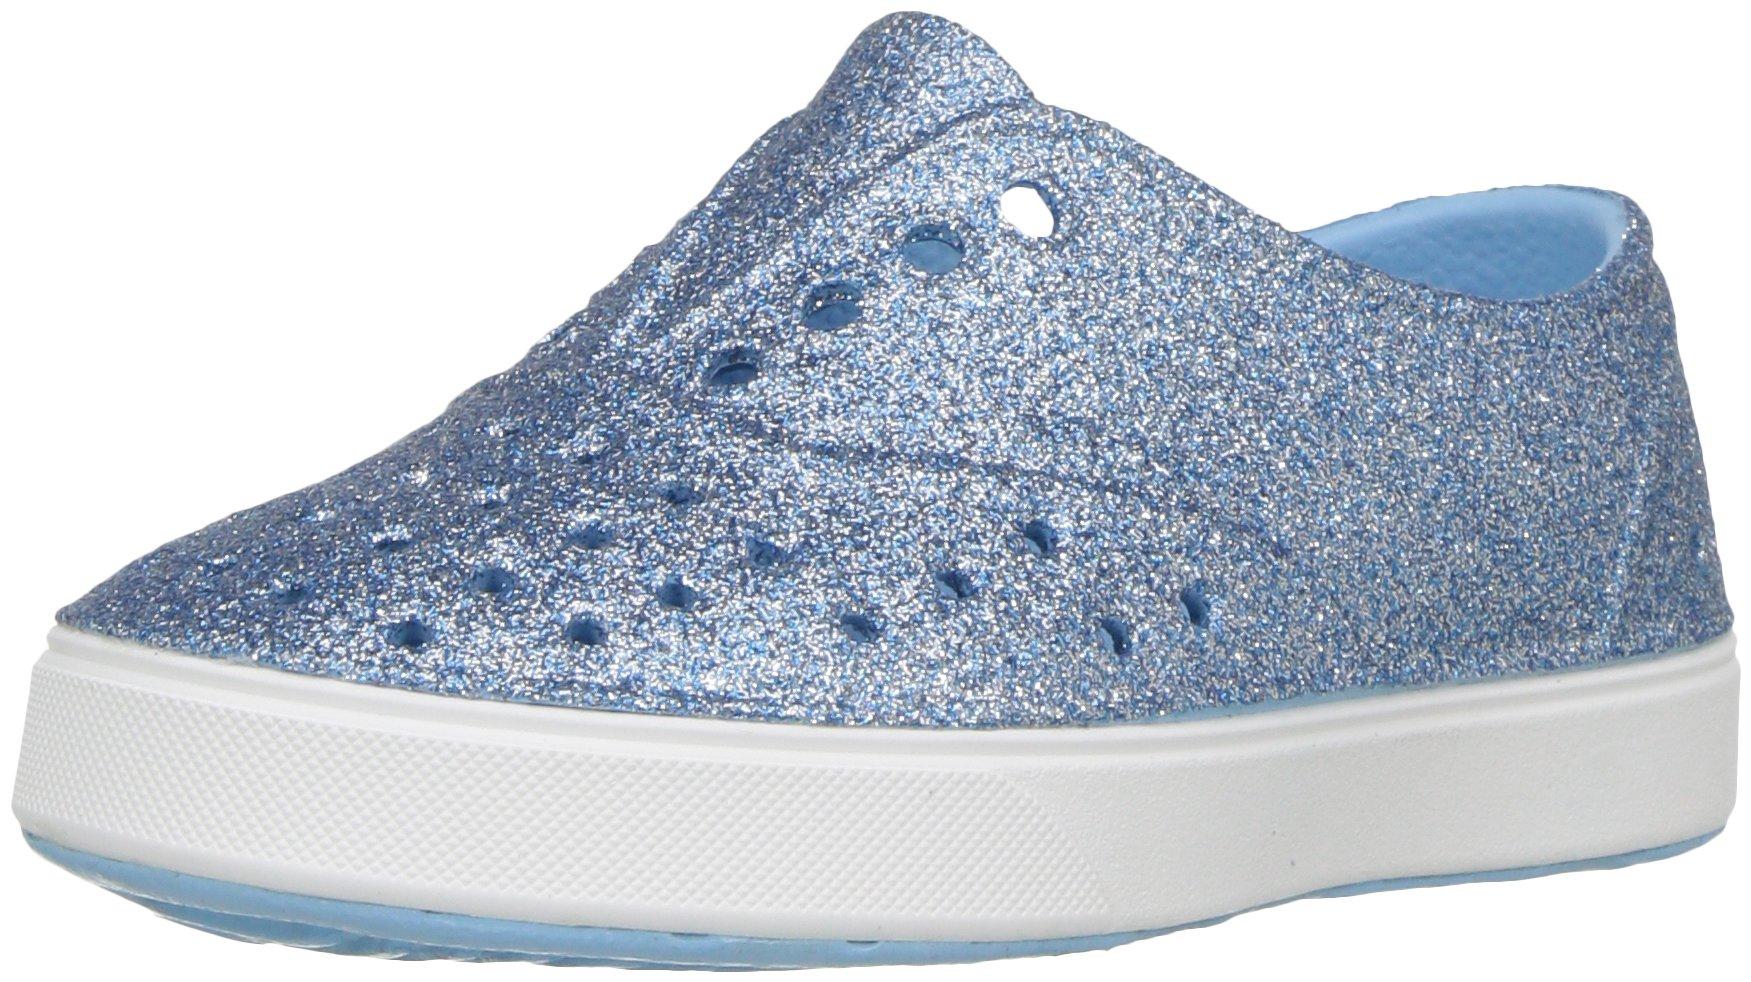 Native Kids Bling Glitter Miller Water Proof Shoes, Sky Bling/Shell White, 6 Medium US Toddler